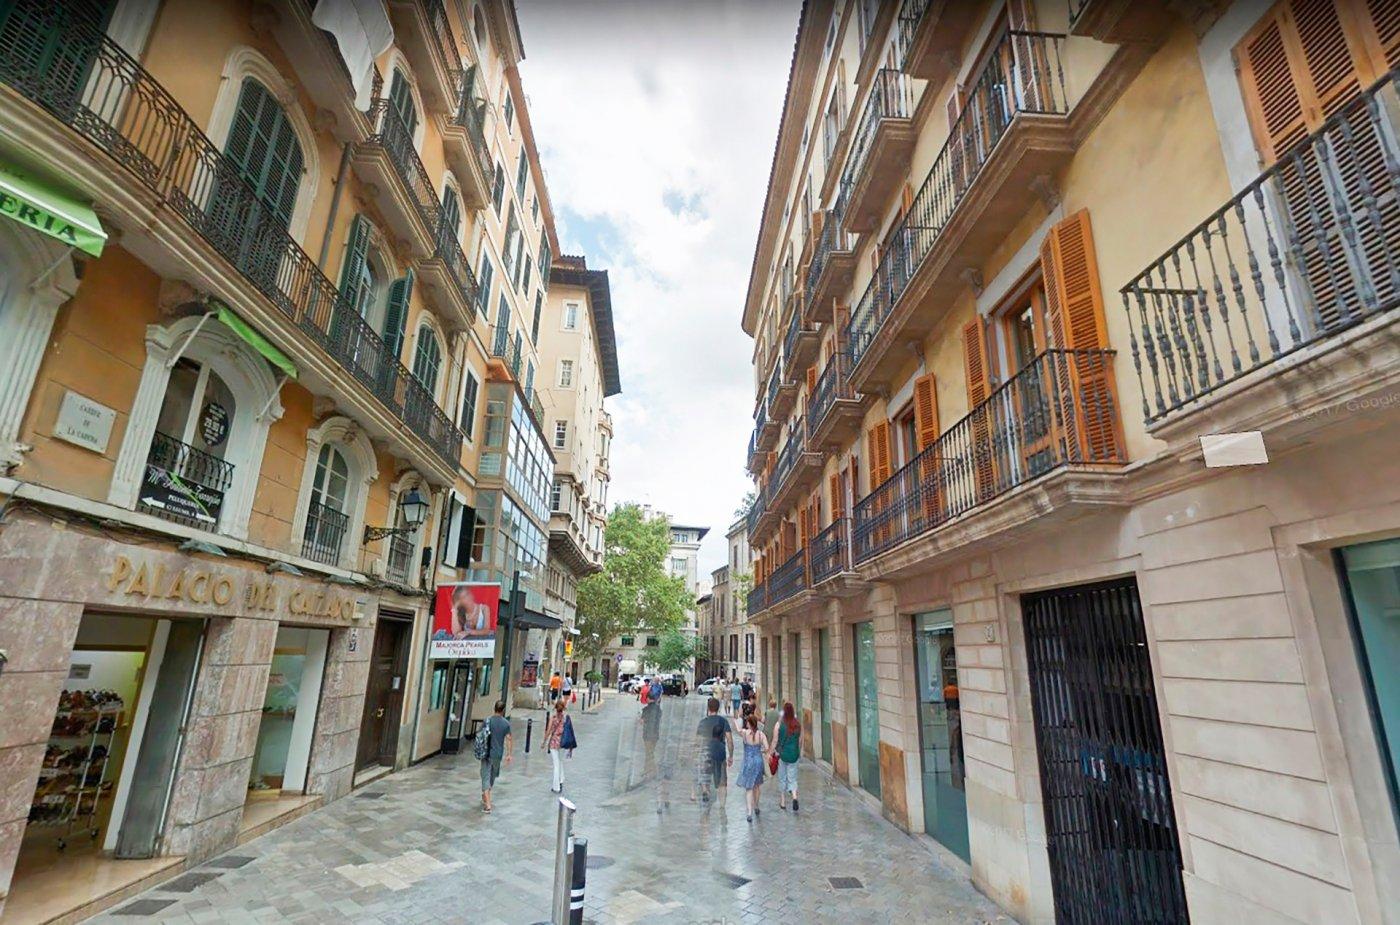 Piso-Venta-Palma de Mallorca-208131